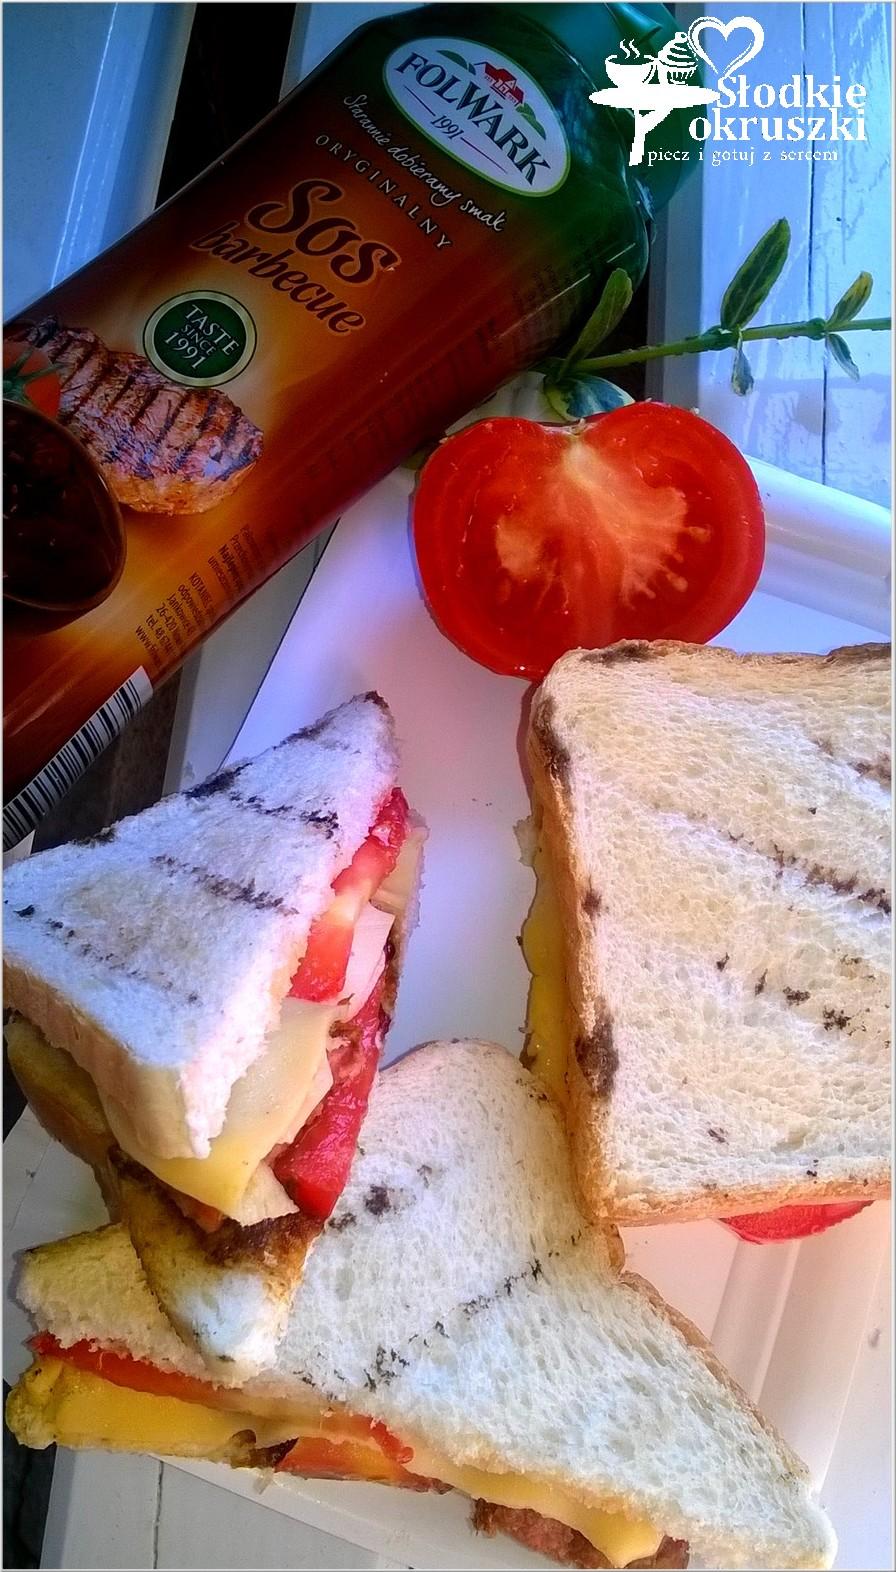 Grillowane kanapki z kiełbasą, serem i pomidorem